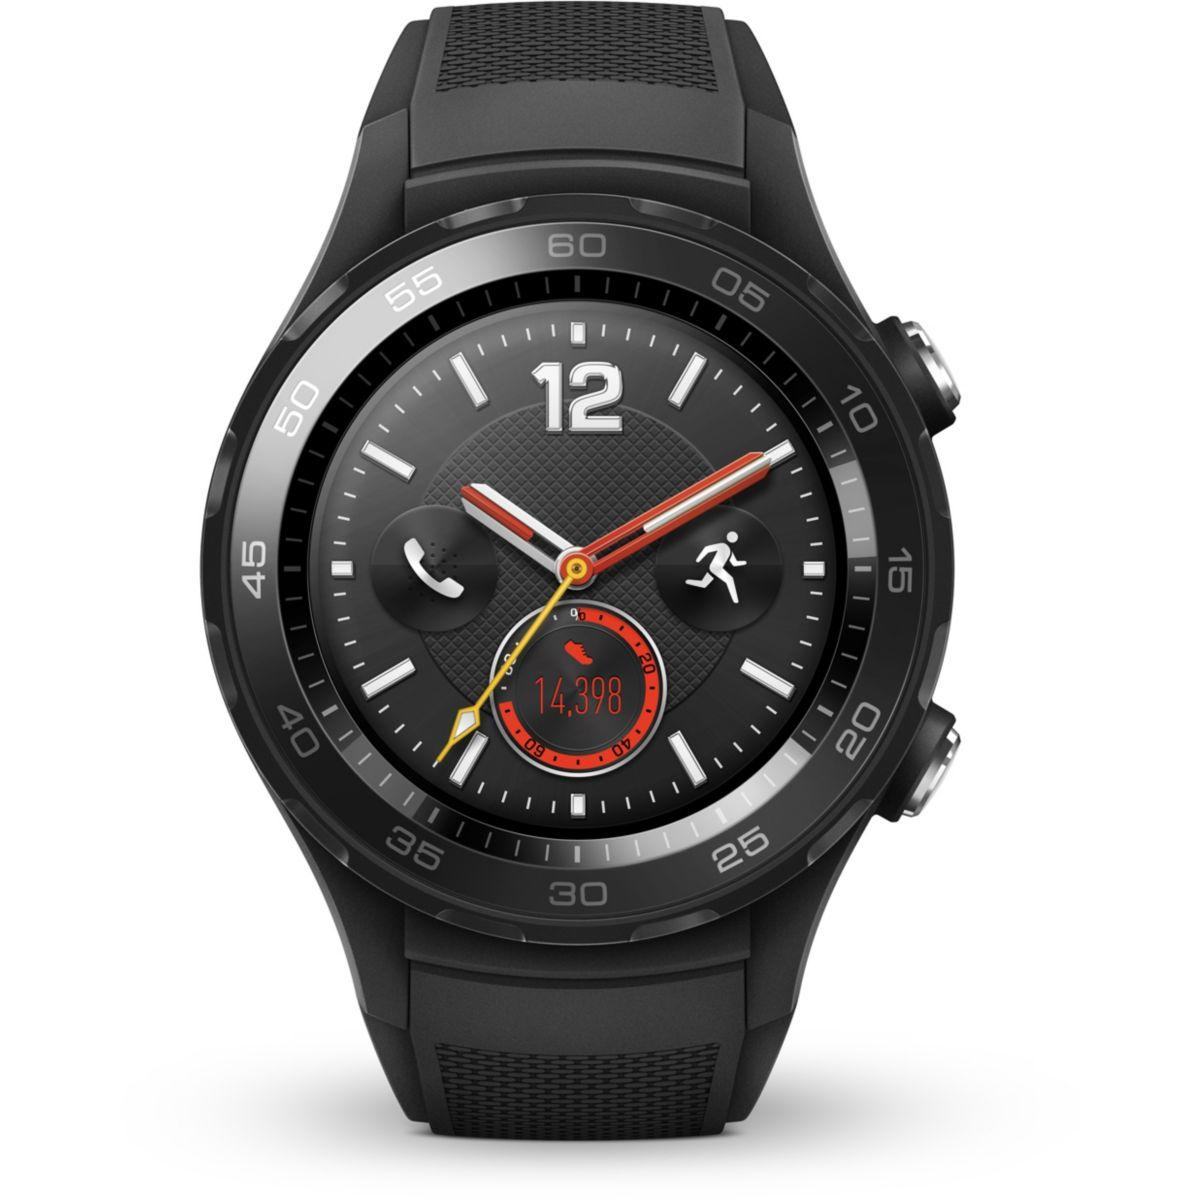 Montre huawei watch 2 sport noir - 7% de remise immédiate avec le code : top7 (photo)